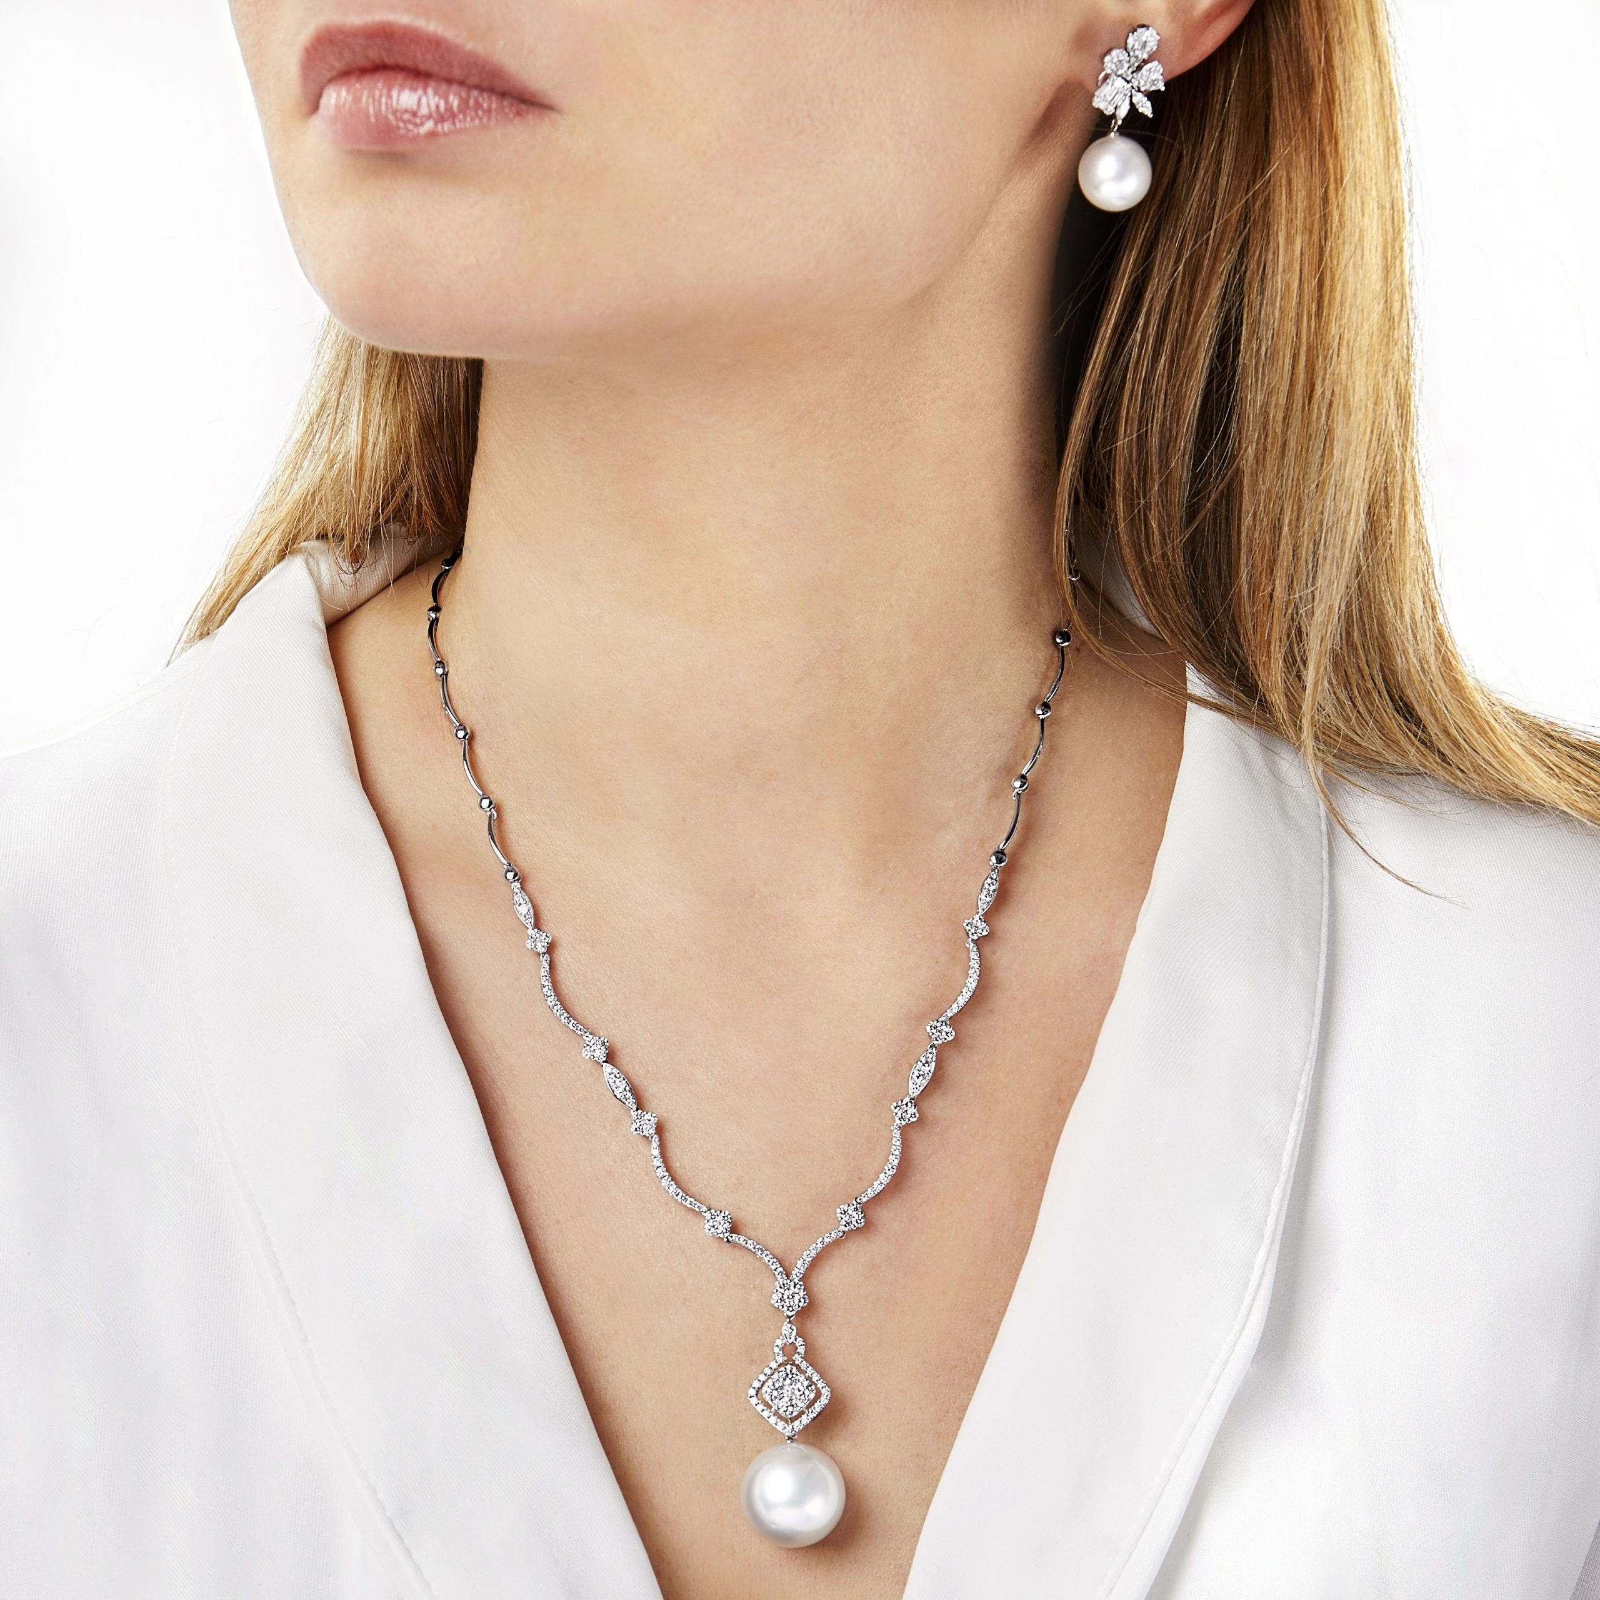 Yoko London Mayfair Necklace